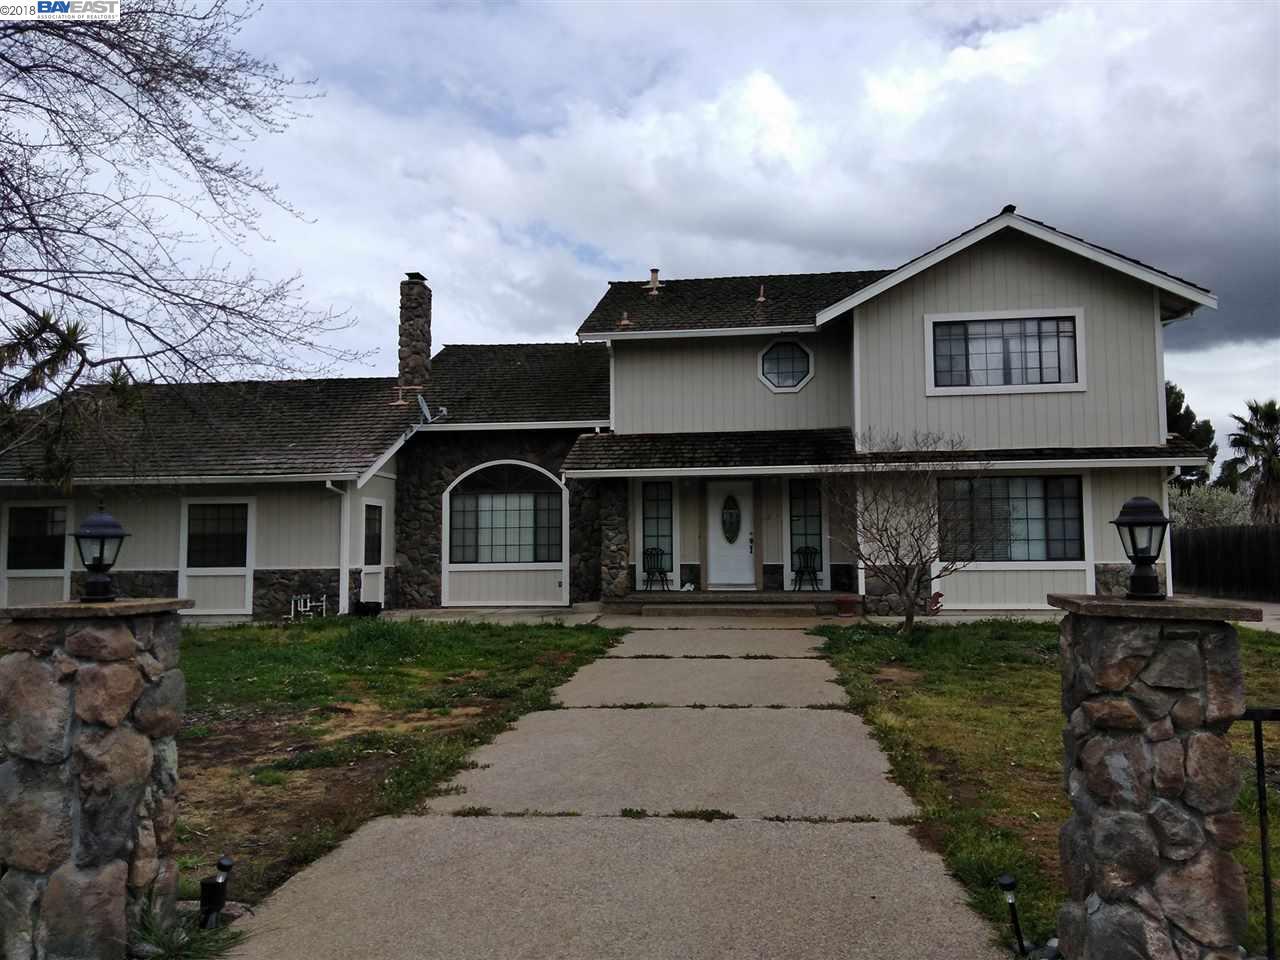 獨棟家庭住宅 為 出售 在 4826 Calle De Oro 4826 Calle De Oro Oakley, 加利福尼亞州 94561 美國